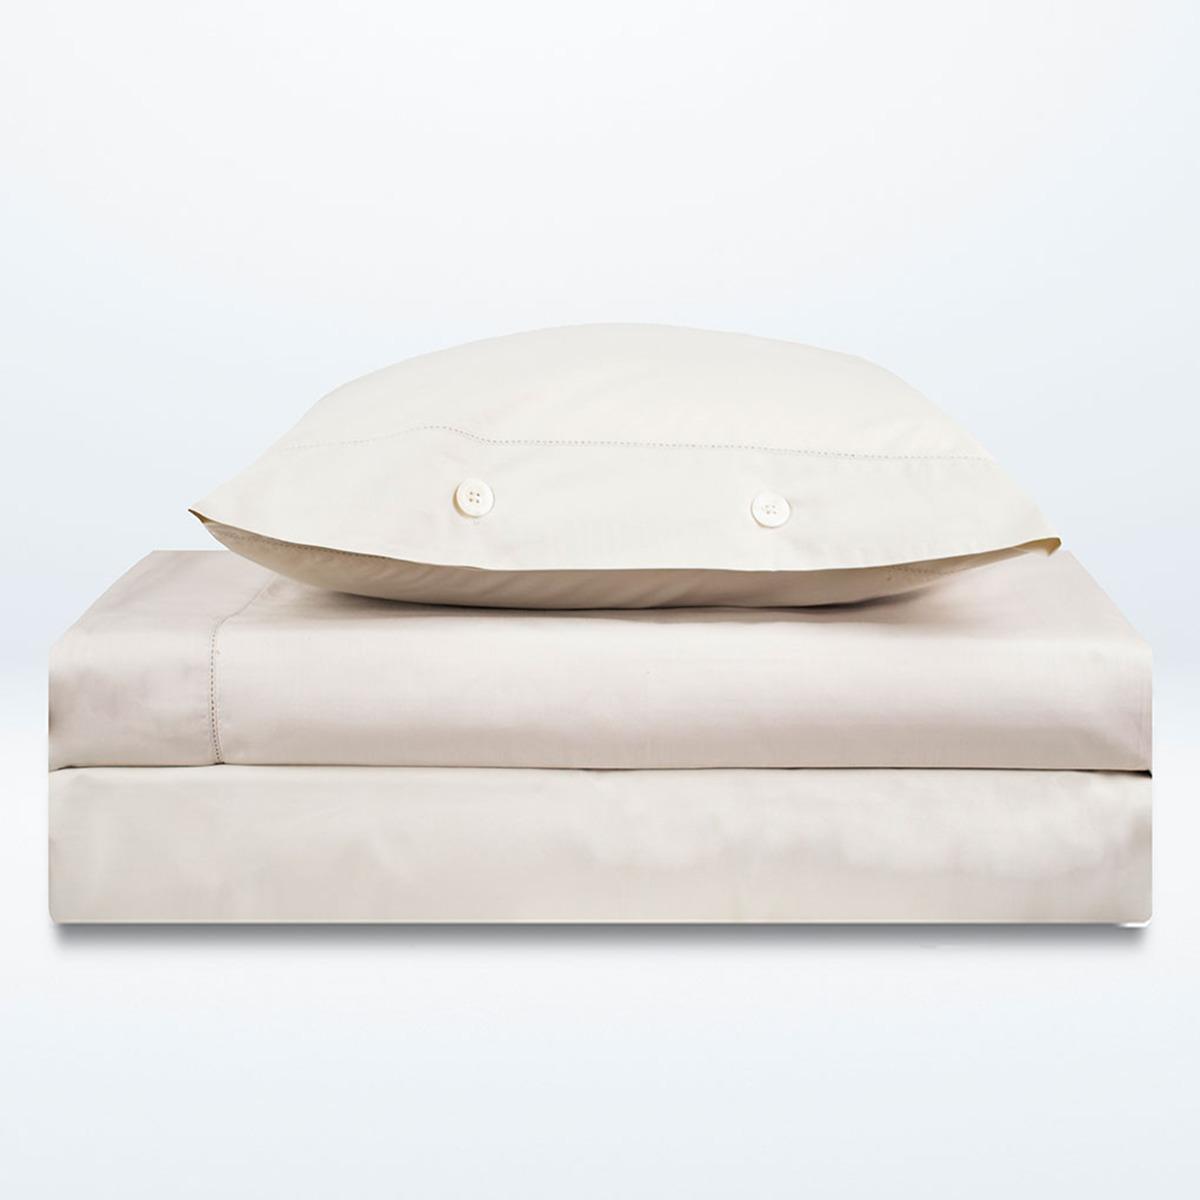 Juego de sábanas de algodón egipcio Tacto Bassols